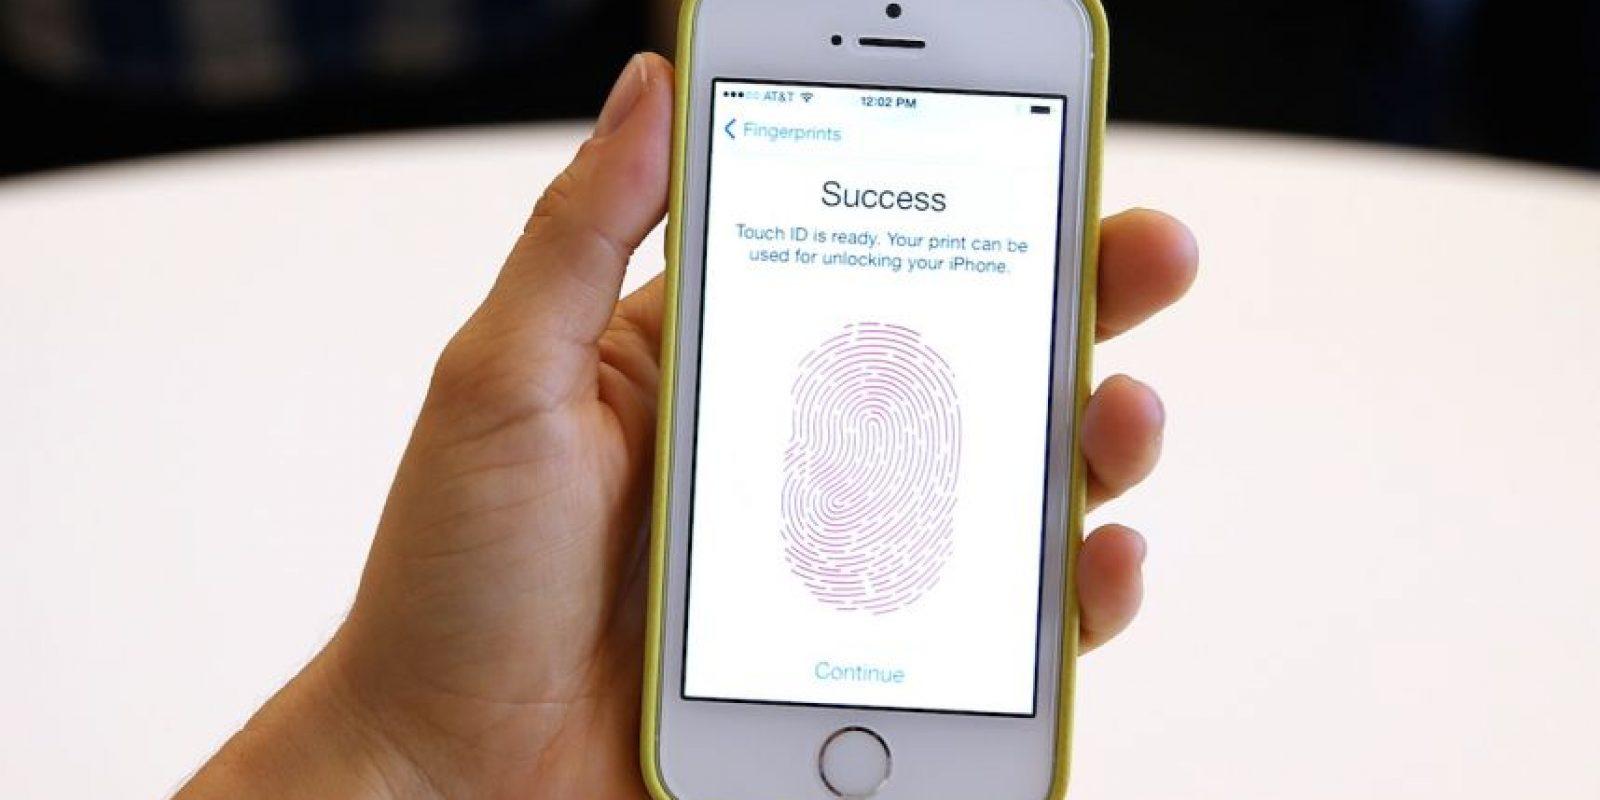 """Apple no quiere """"crear una puerta trasera"""" del iPhone. Un dispositivo modelo 5c está implicado en el atentado terrorista del pasado 2 de diciembre en California. Foto:Getty Images"""